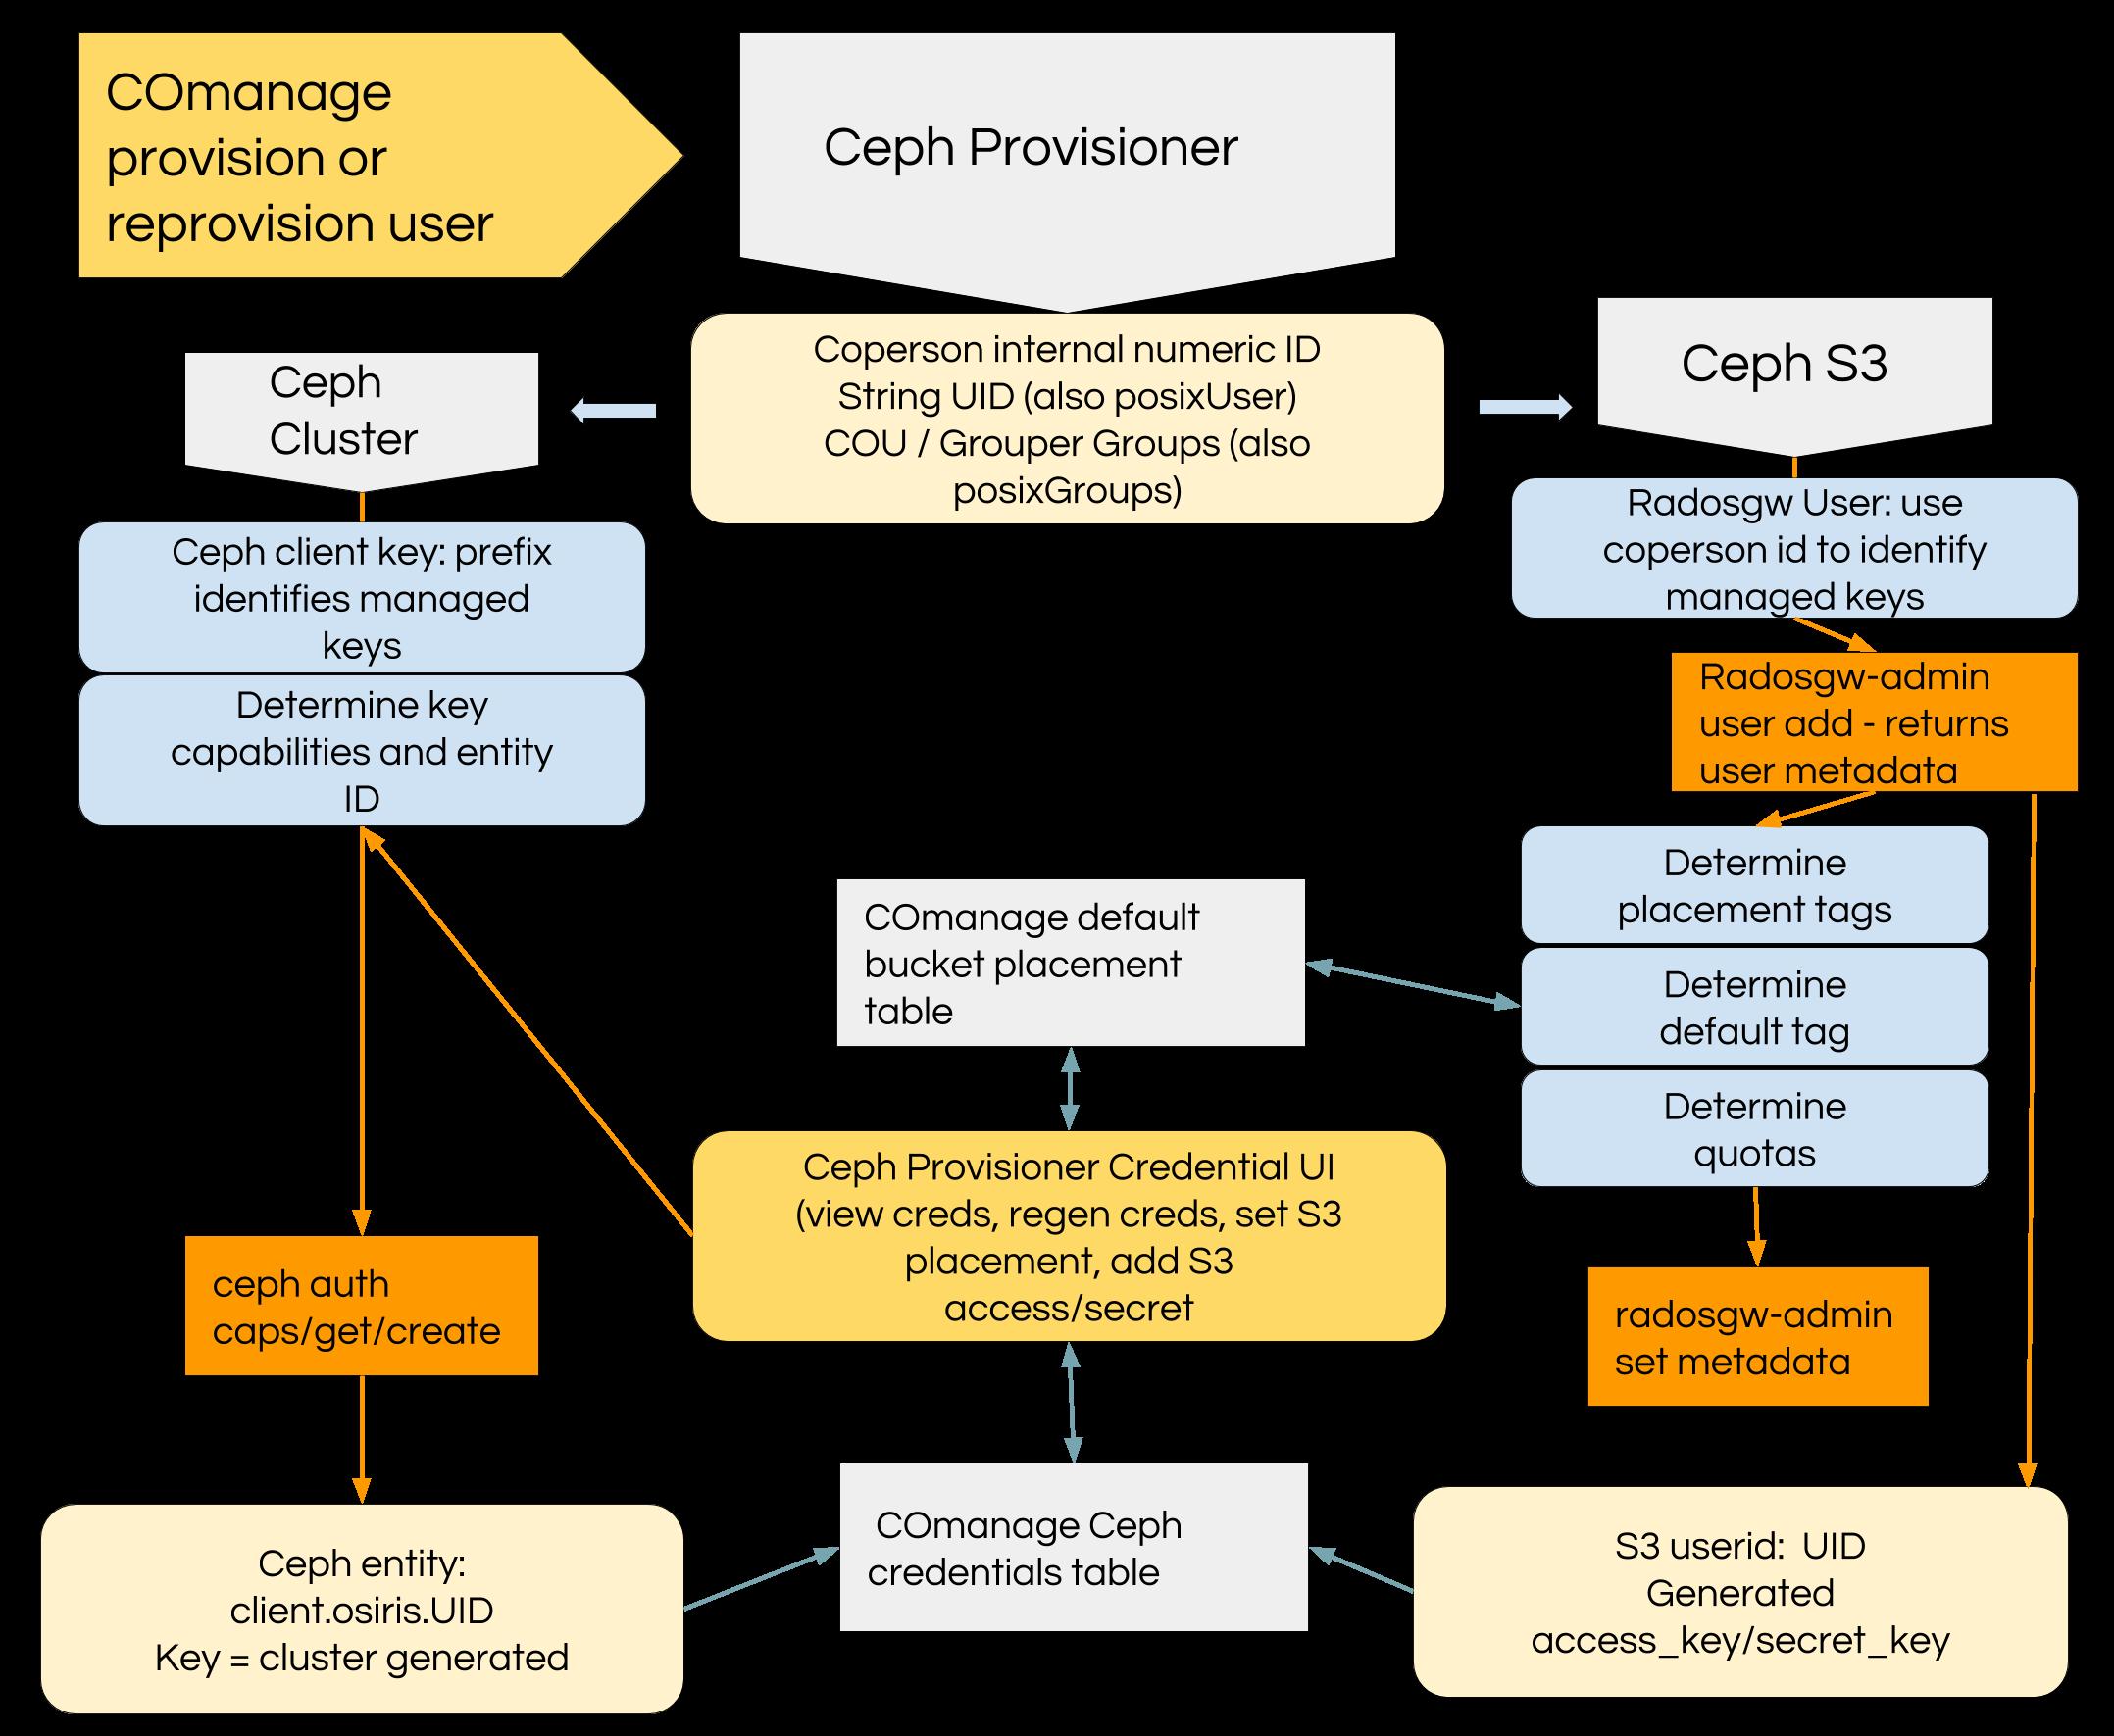 Ceph Provisioner